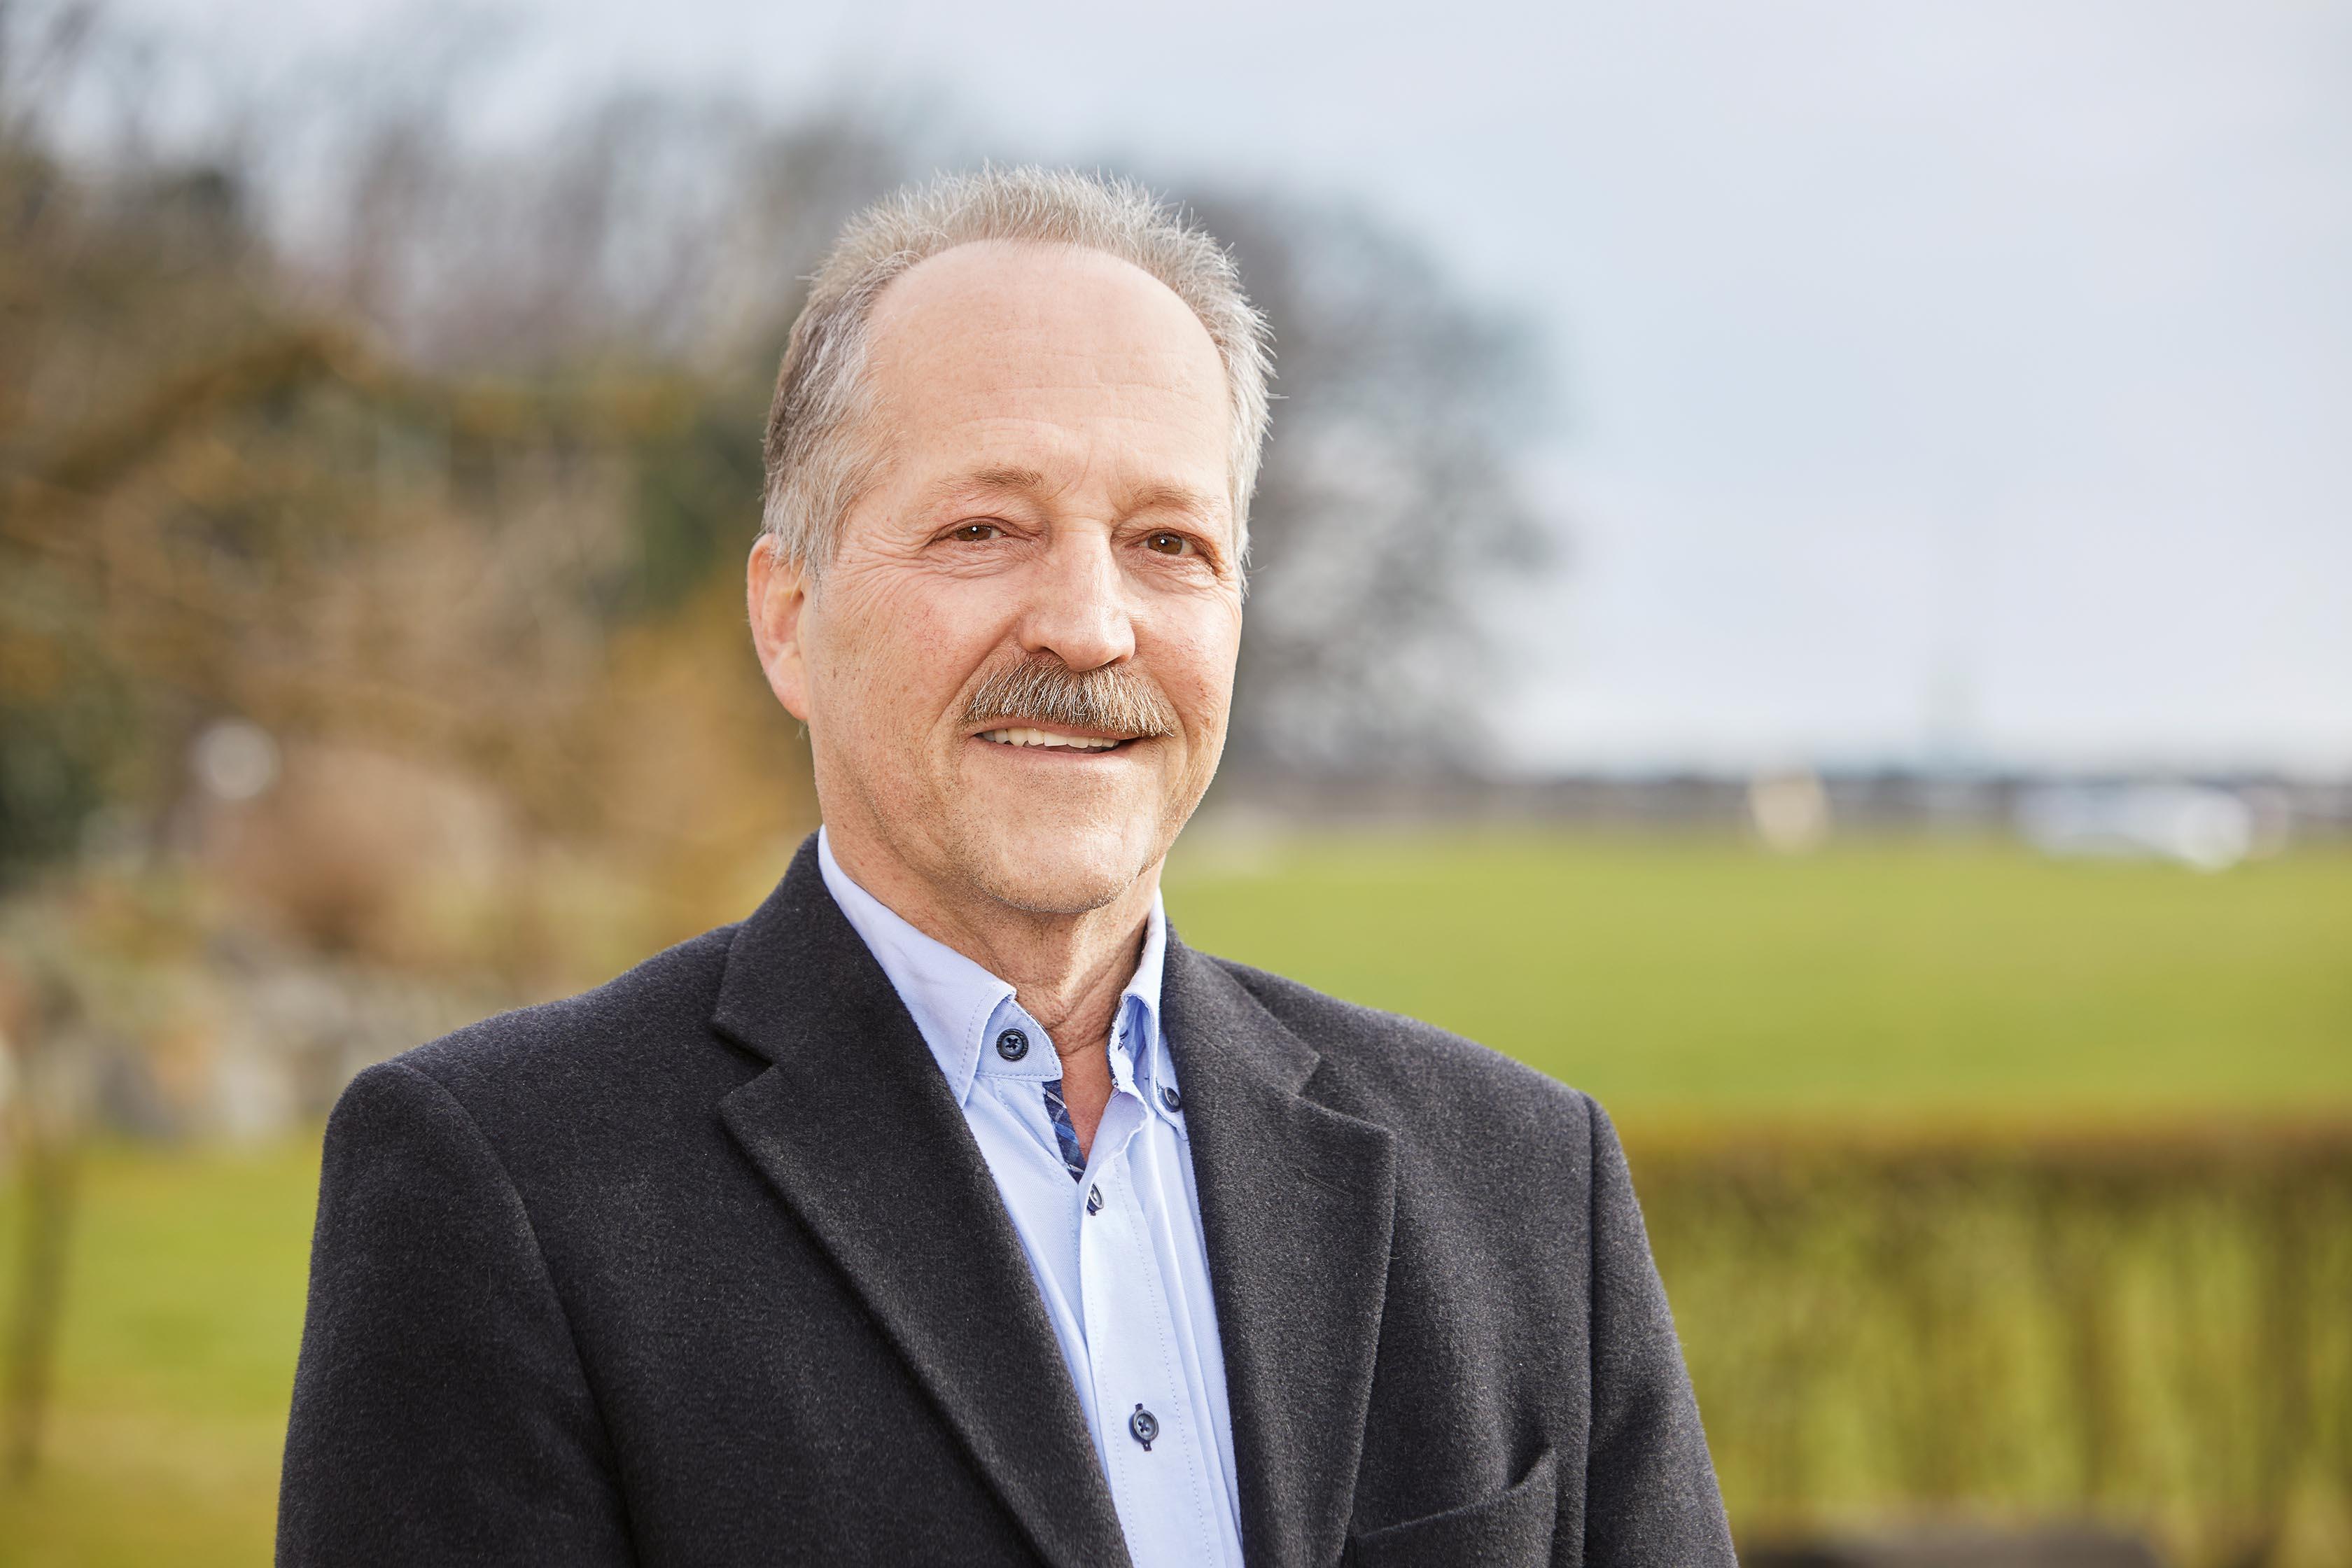 Ernst Freund